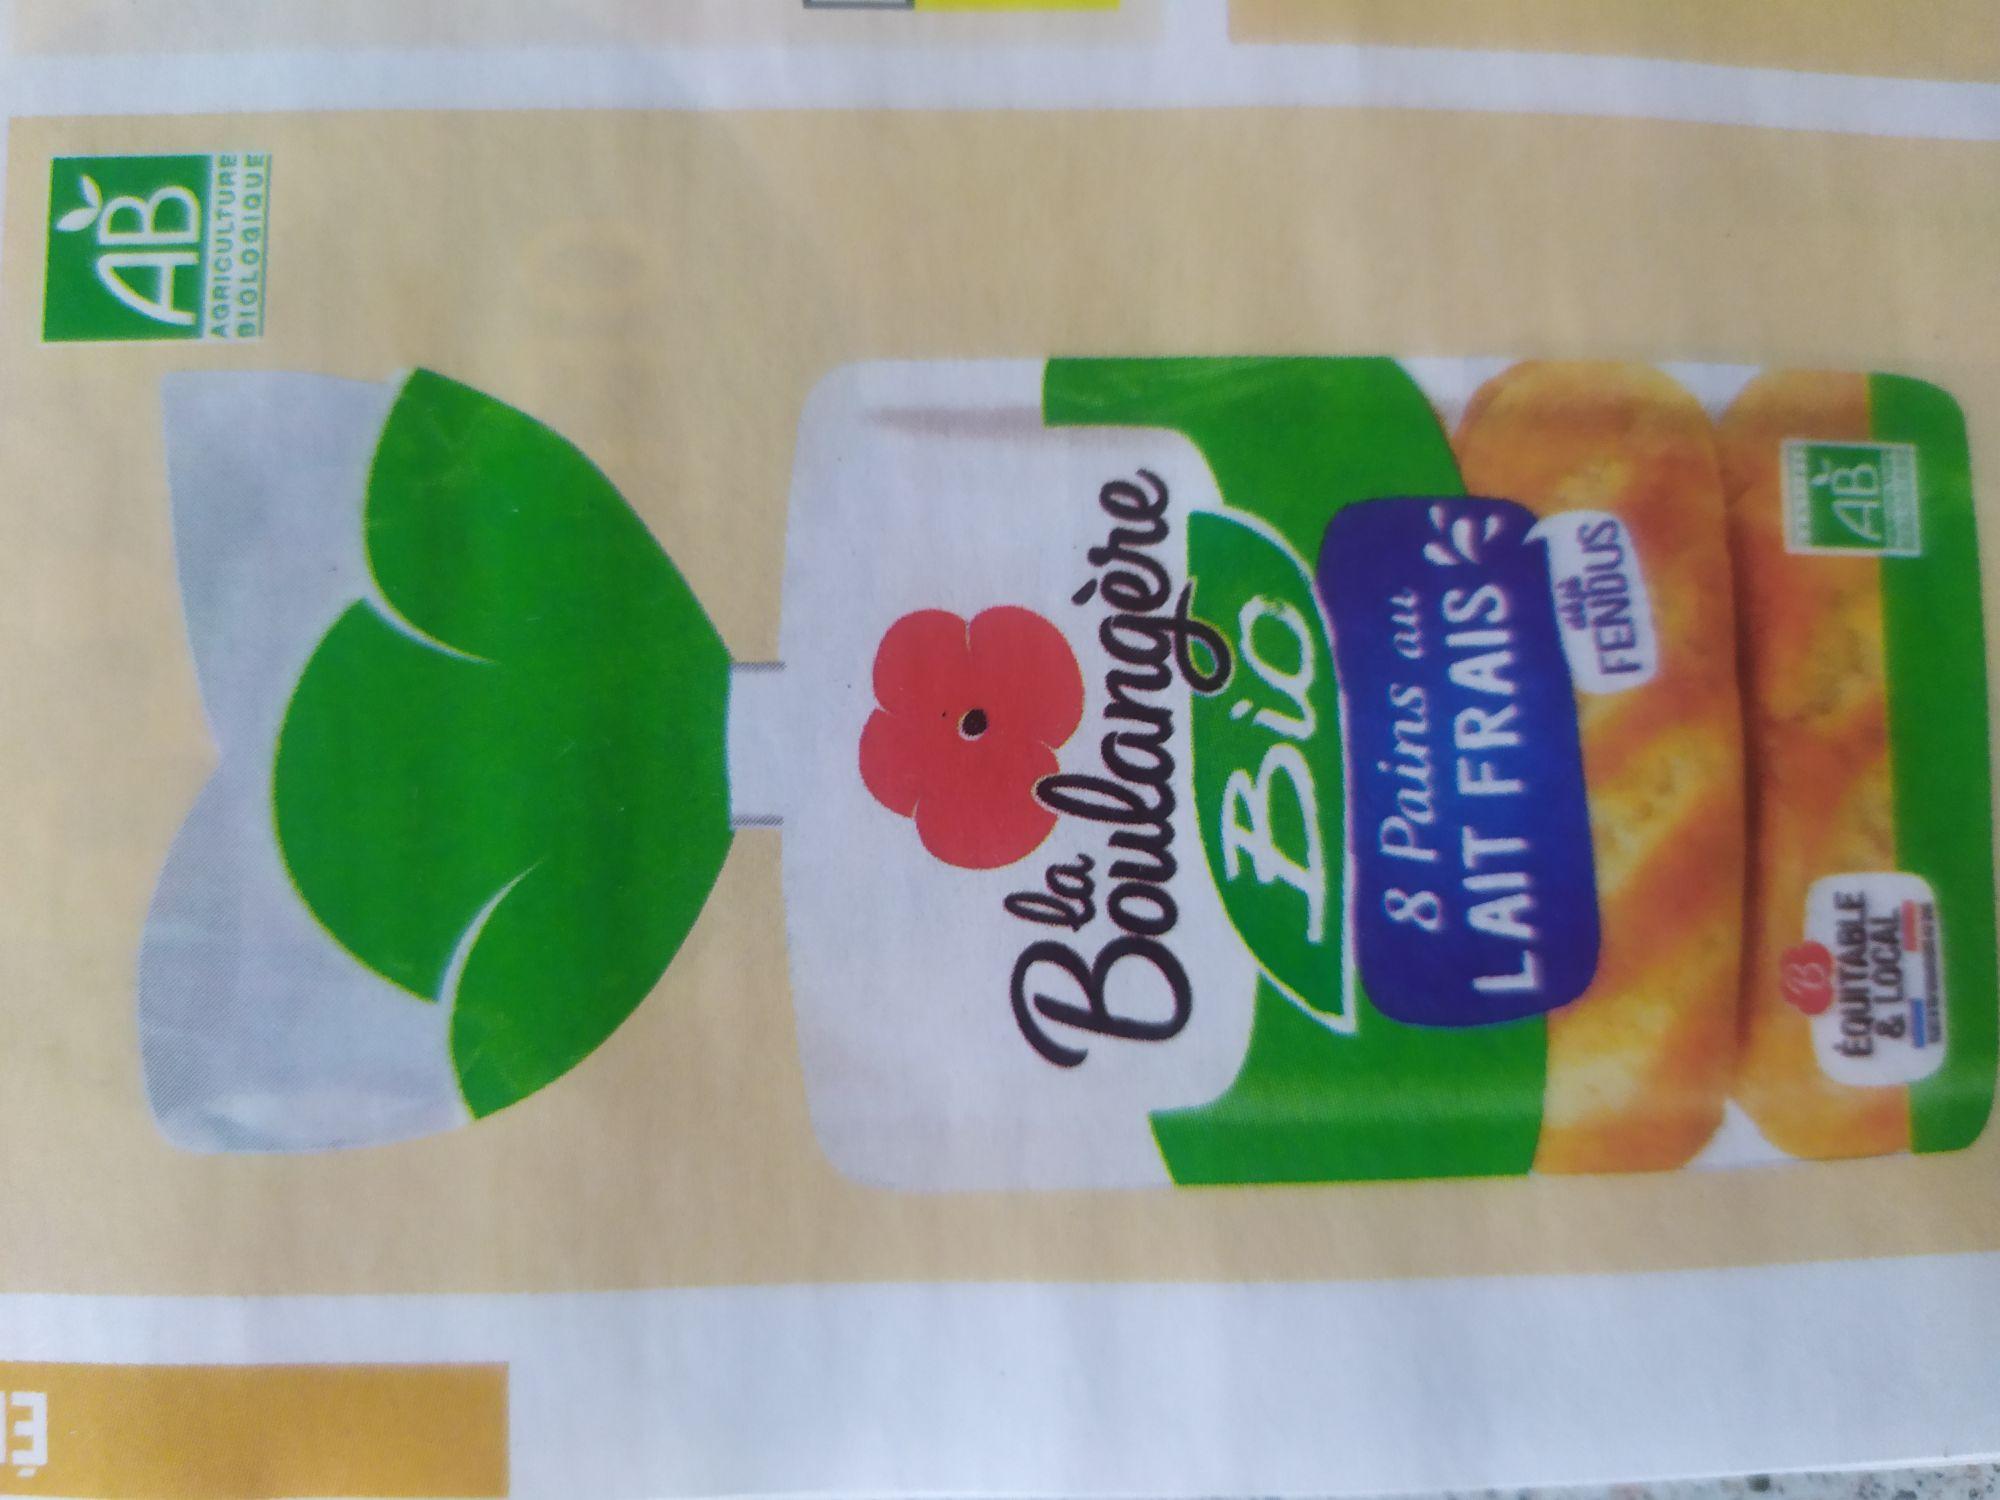 Paquet de 8 Pains au lait Bio La Boulangère